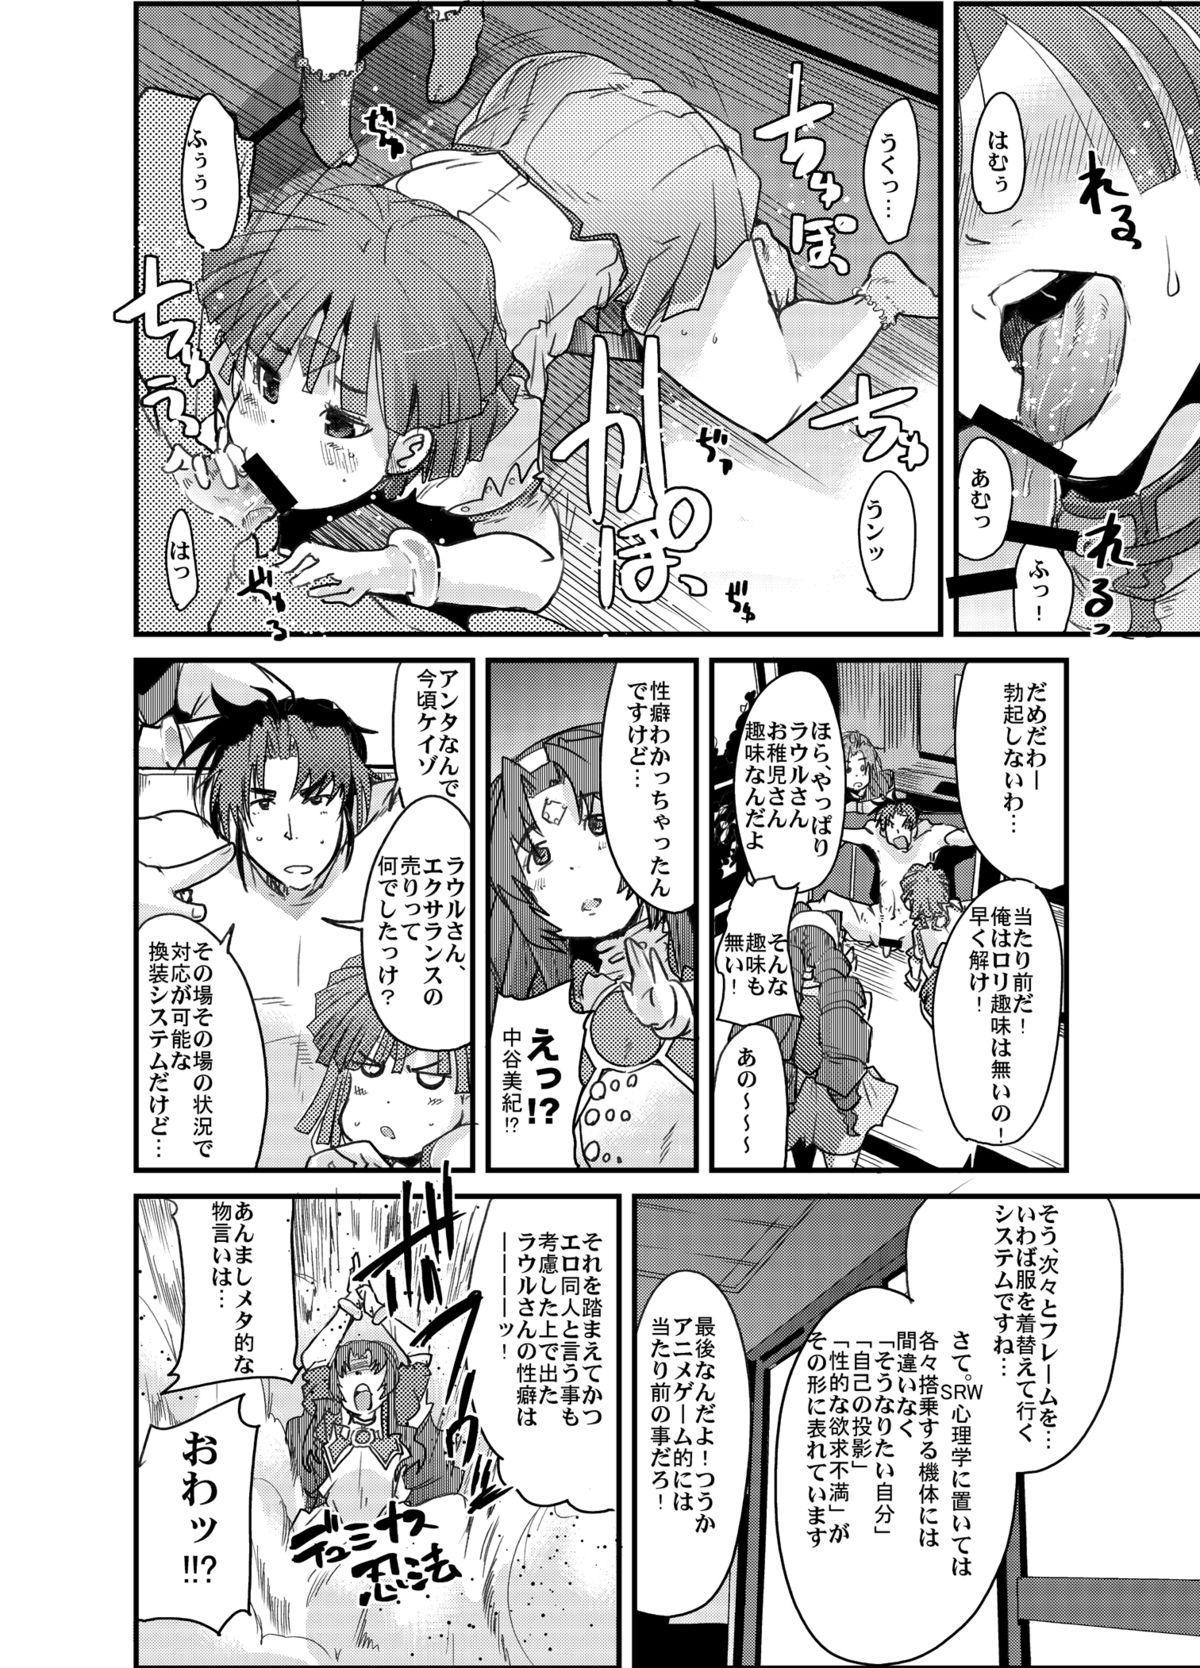 Boku no Watashi no Mugen no Super Bobobbo Taisen Frontier 24